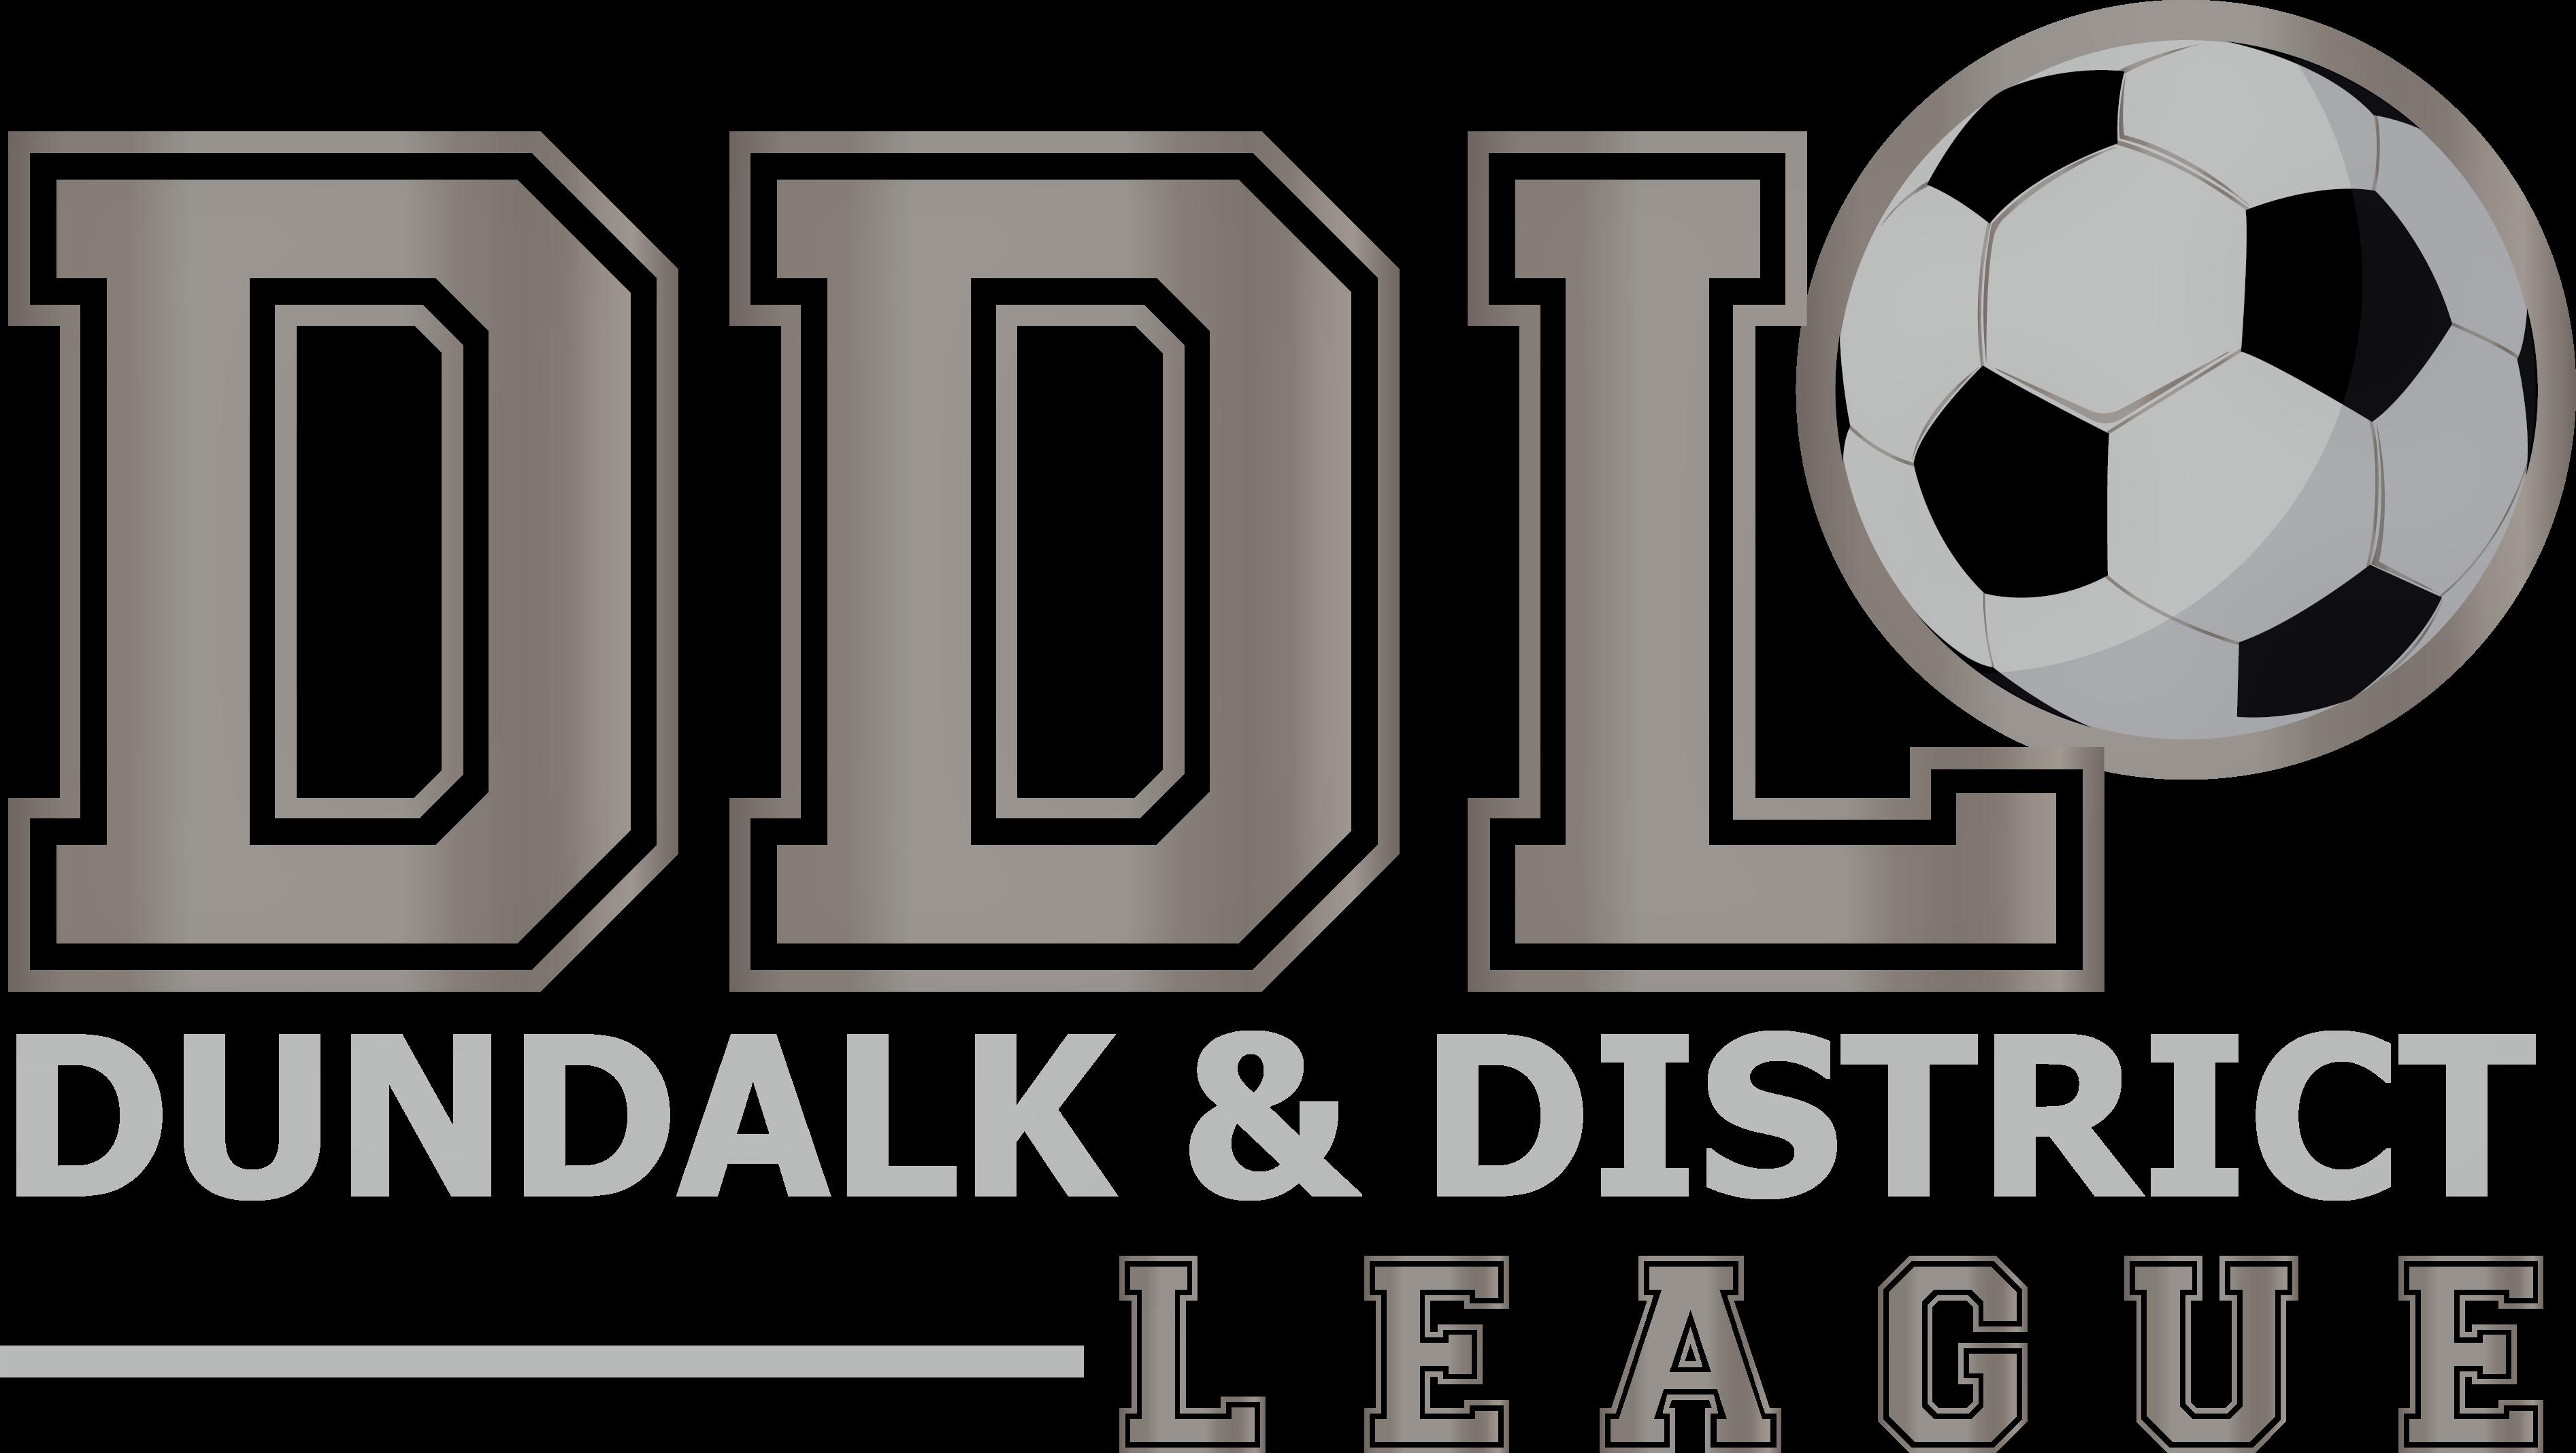 Dundalk & District League